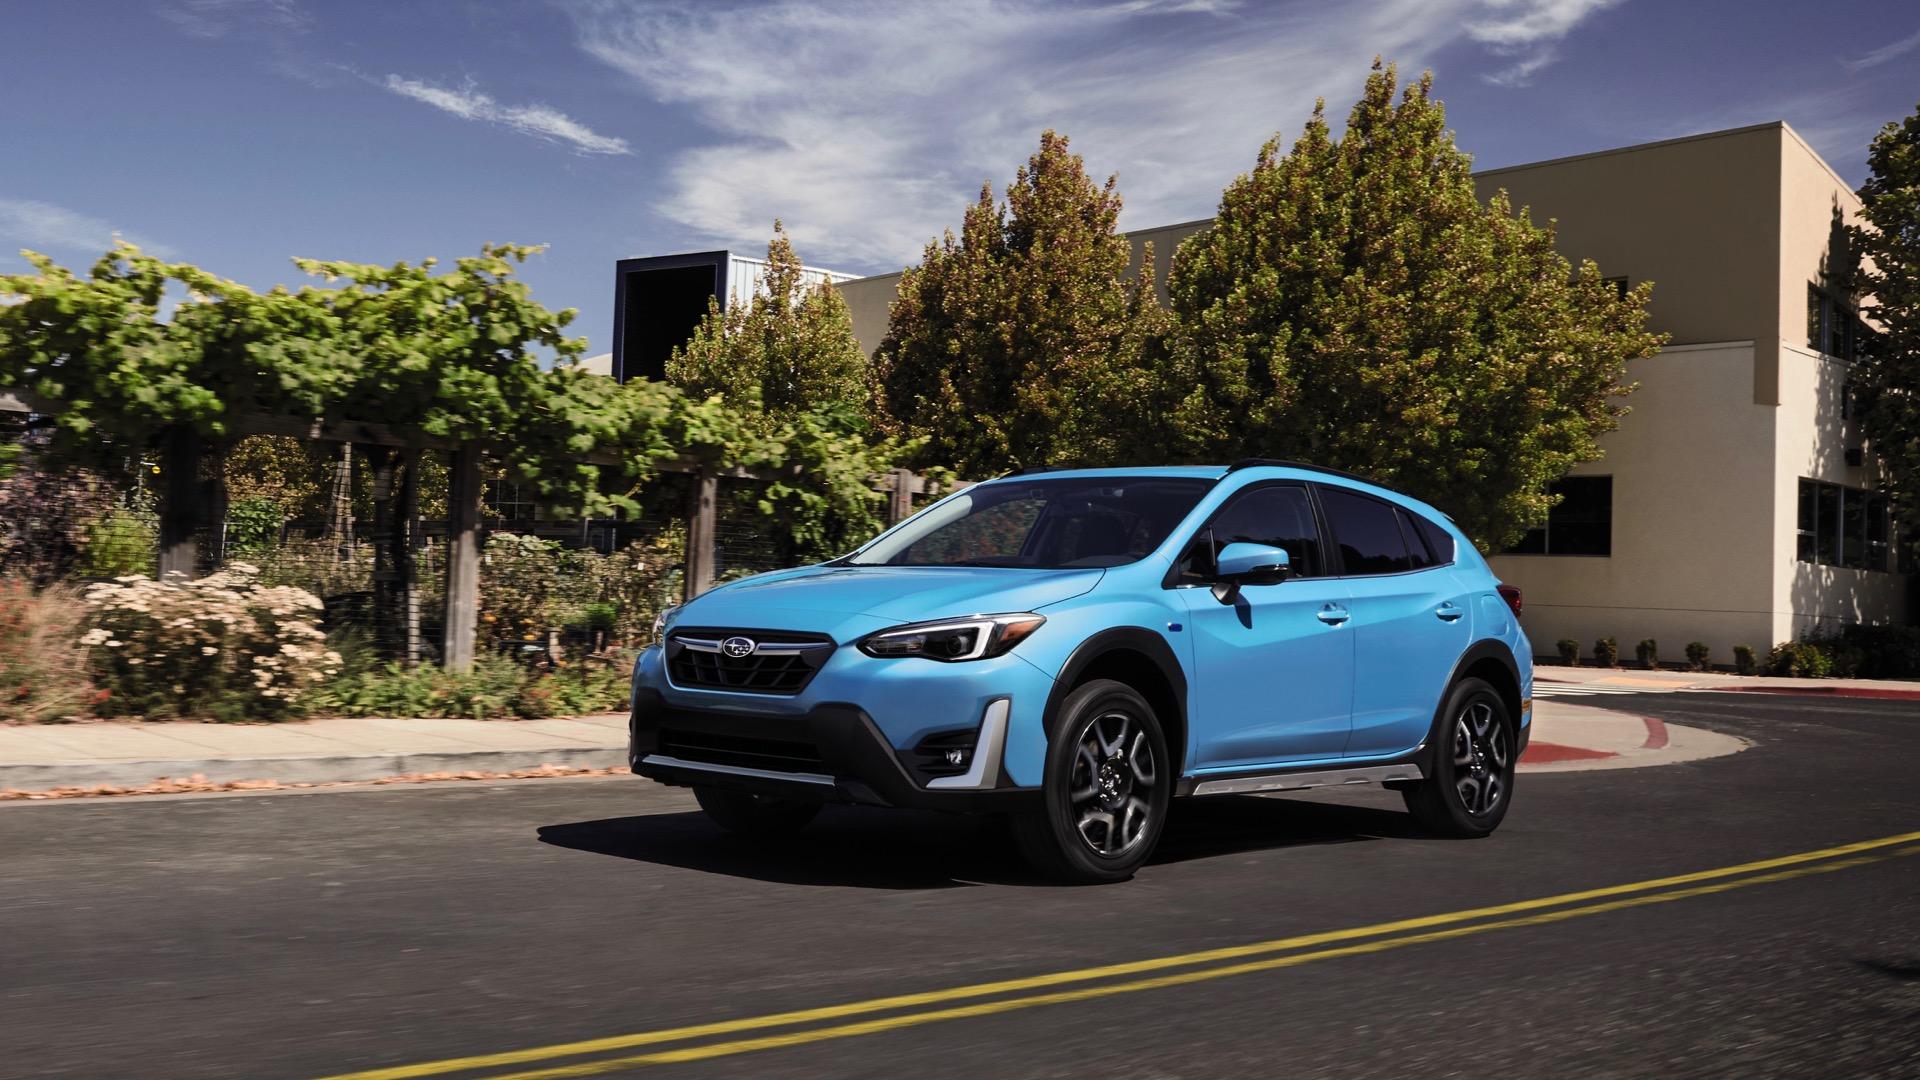 4 Subaru Crosstrek Hybrid updated with $4 price increase